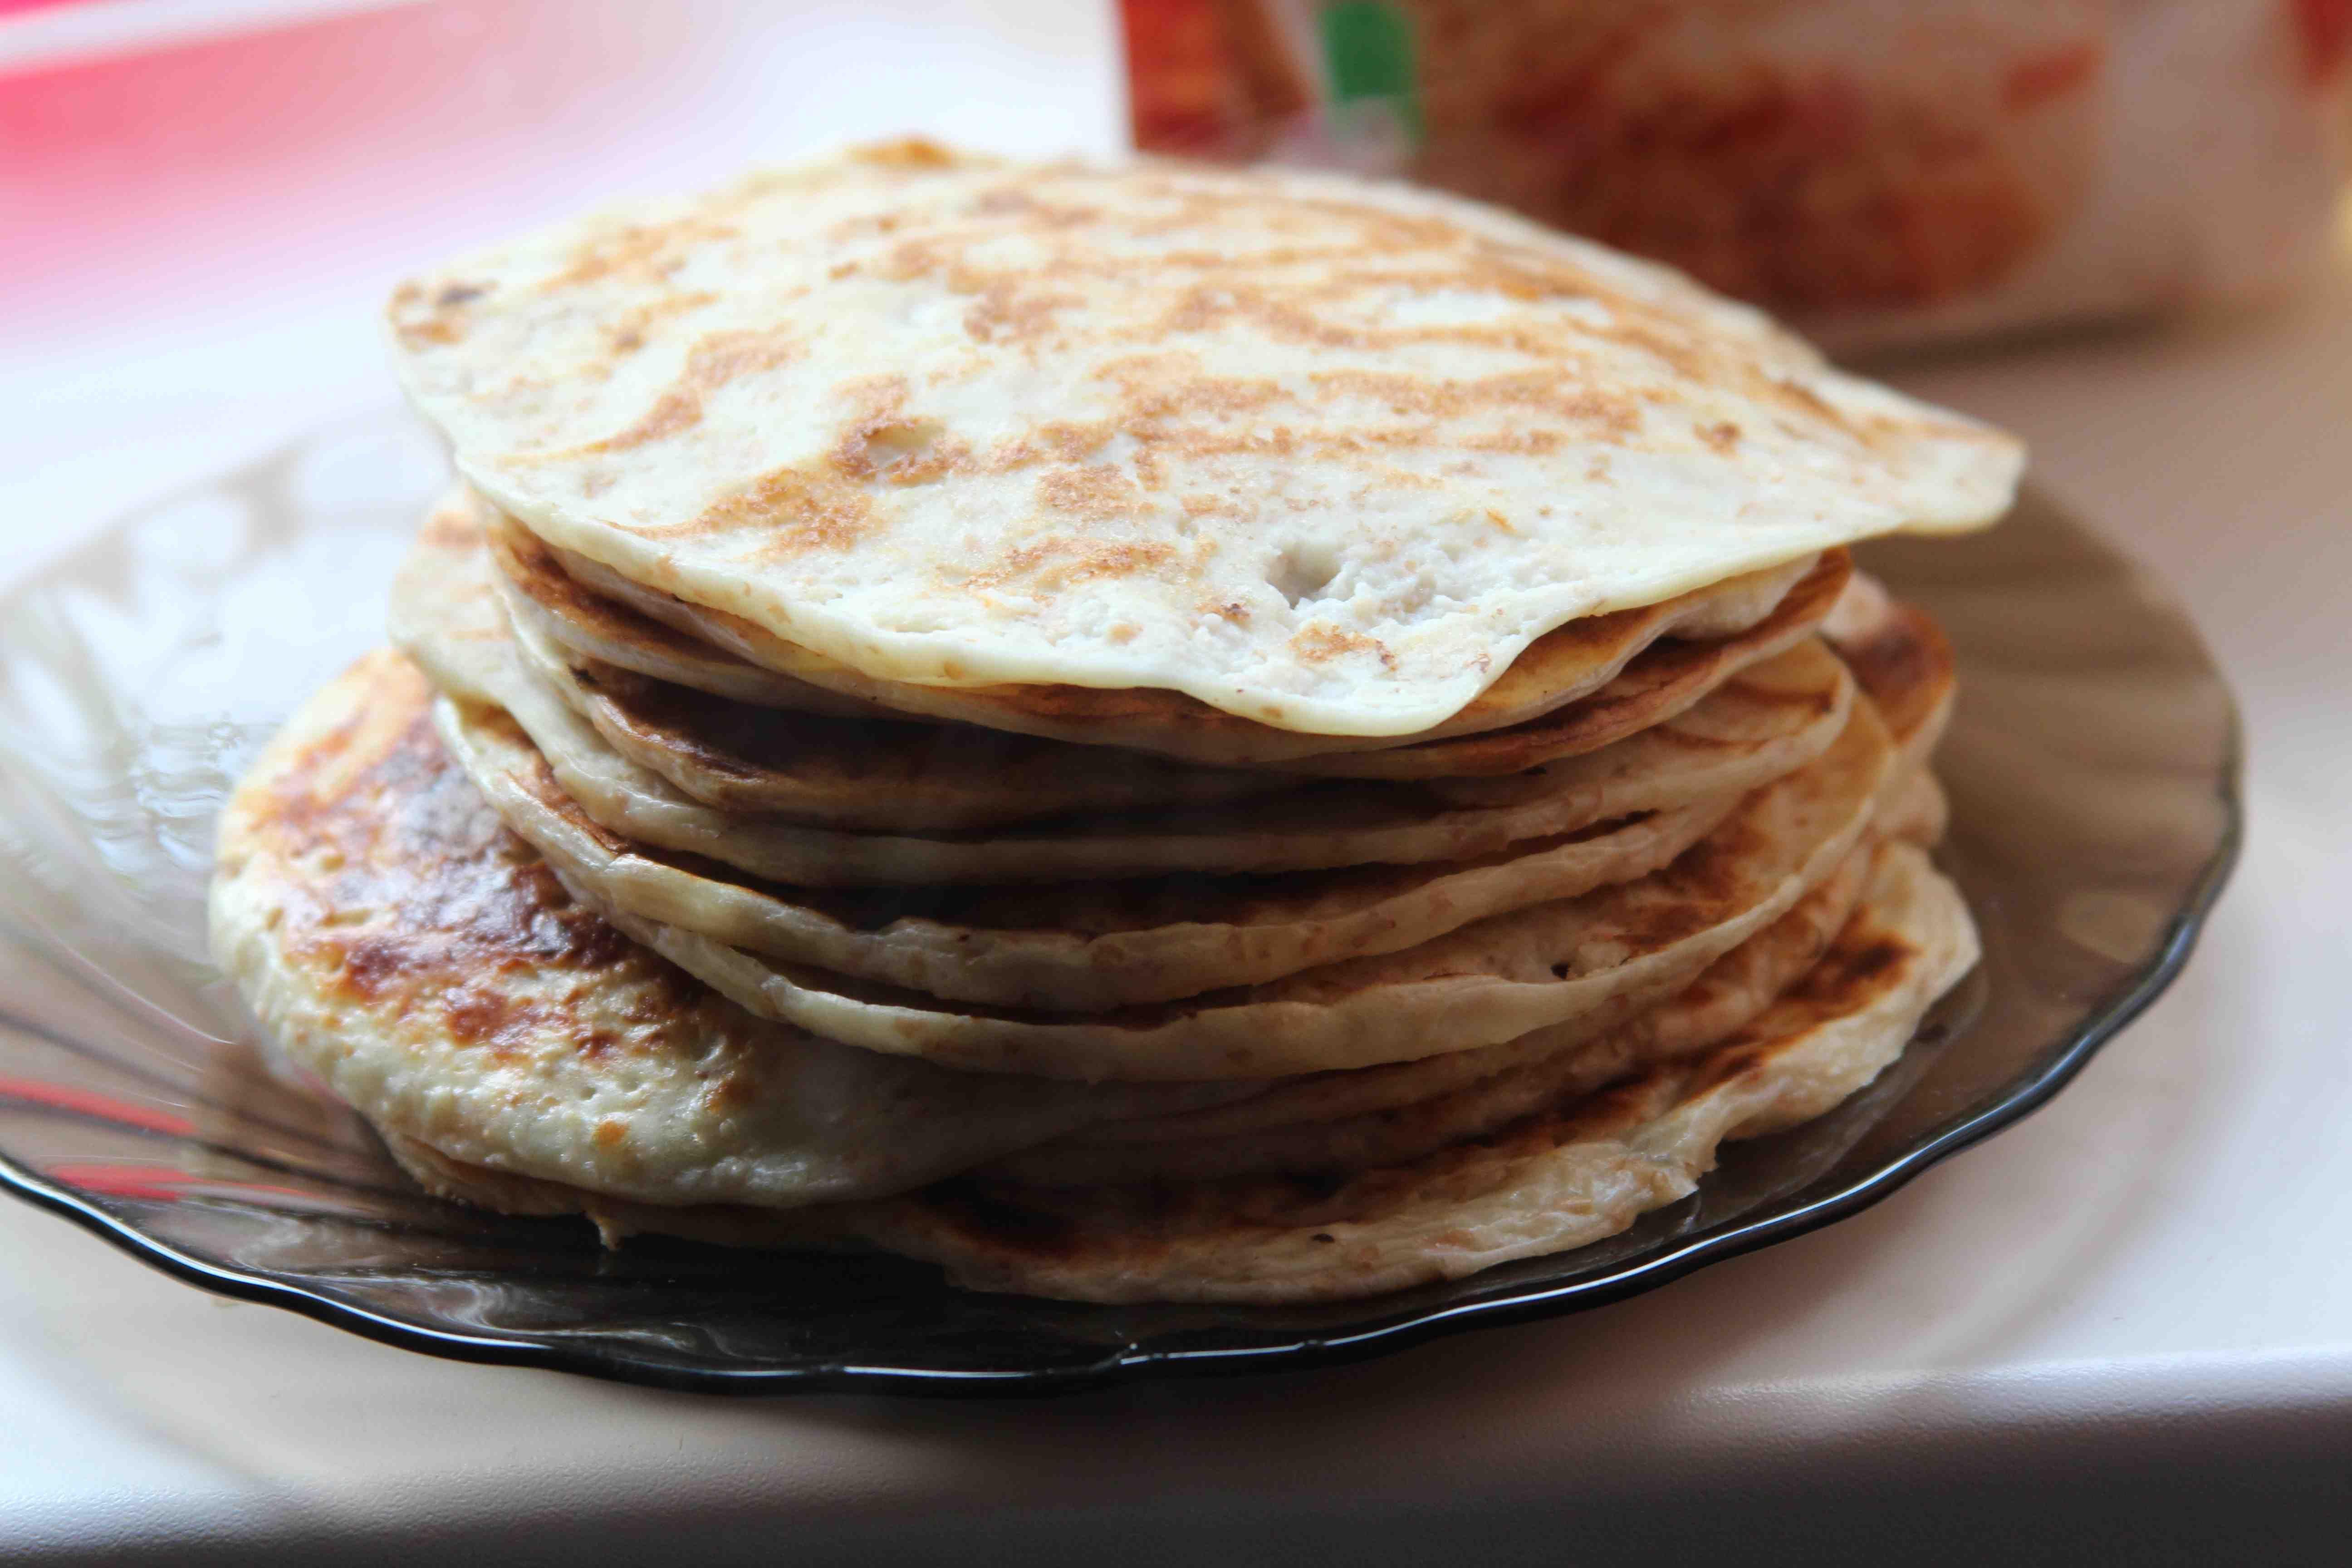 Когда сложные кулинарные блюда уже порядком надоели, особое удовольствие можно получить от поедания свежих и румяных лепешек, пожаренных на сковороде.